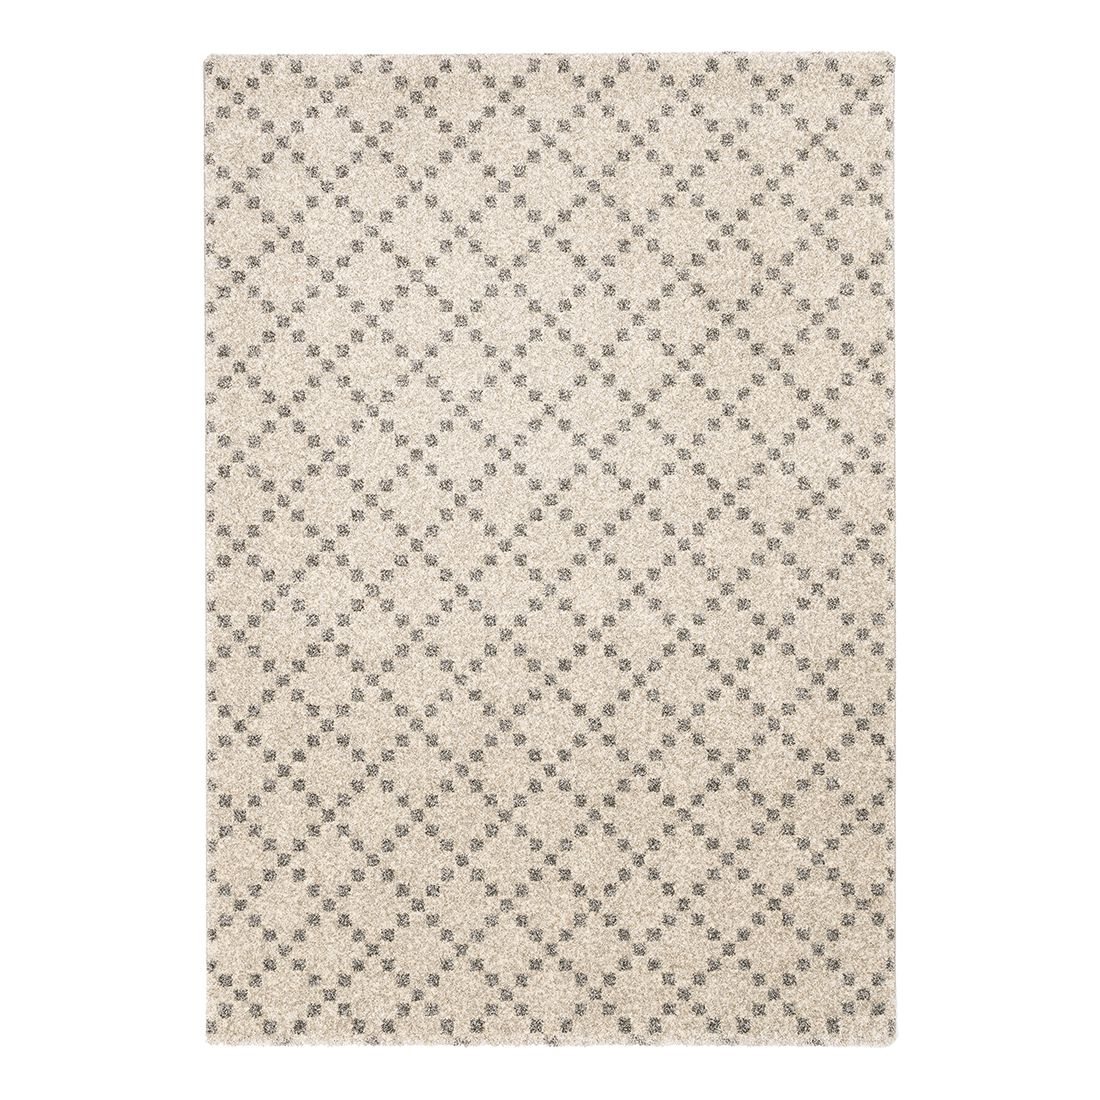 Teppich Davinci (Kästchen) – Creme – 133 x 190 cm, Schöner Wohnen Kollektion günstig kaufen